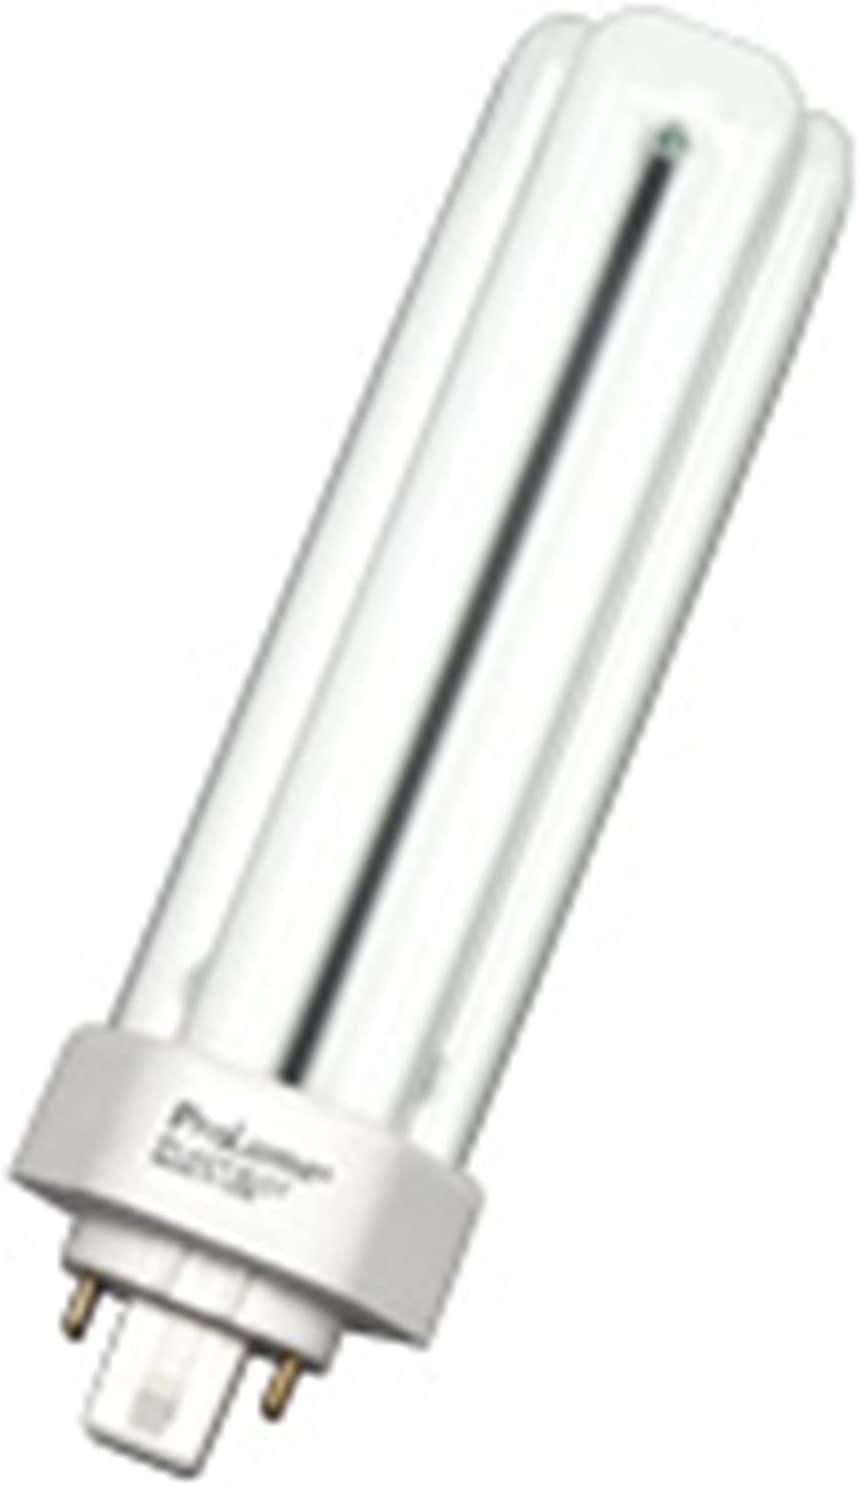 25 Qty. Halco 42W Triple 5000K GX24Q-4 PRO ECO PL42T/E/50/ECO 42w CFL Natural White EOL Lamp Bulb